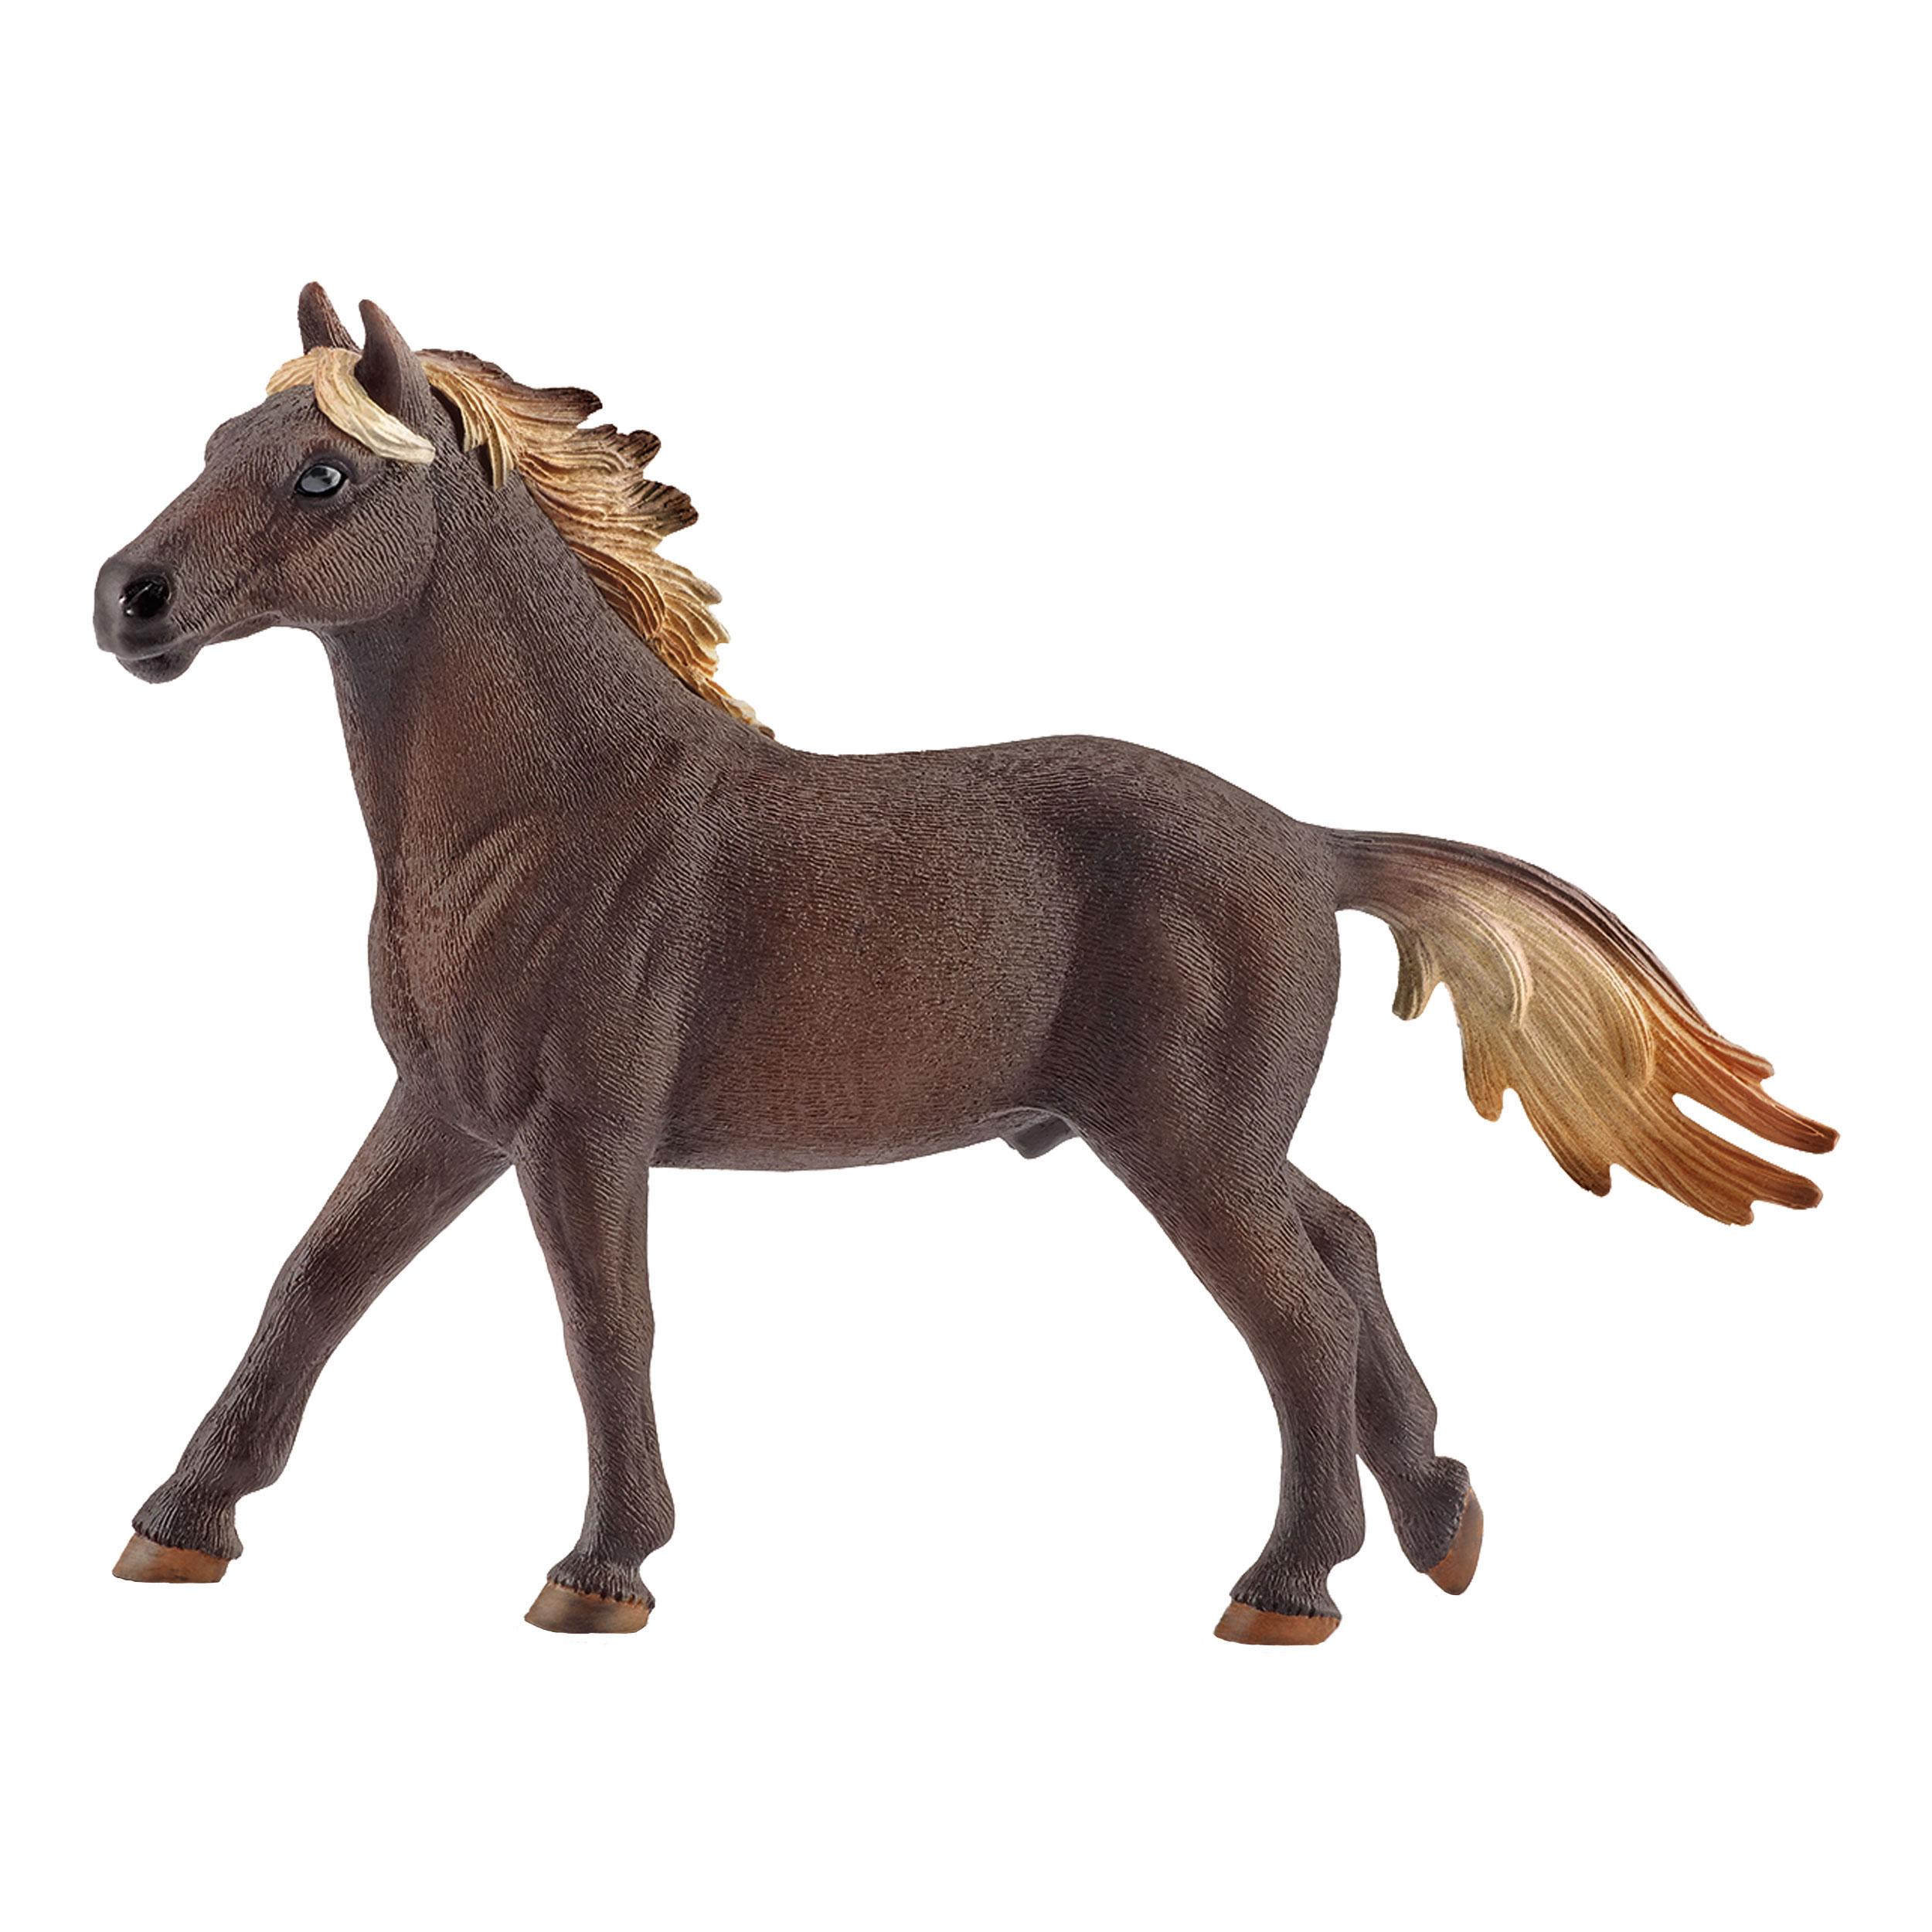 Schleich Farm Life Mustang Hengst Pferd Wildpferd Pferdehof Spielfigur 11 cm